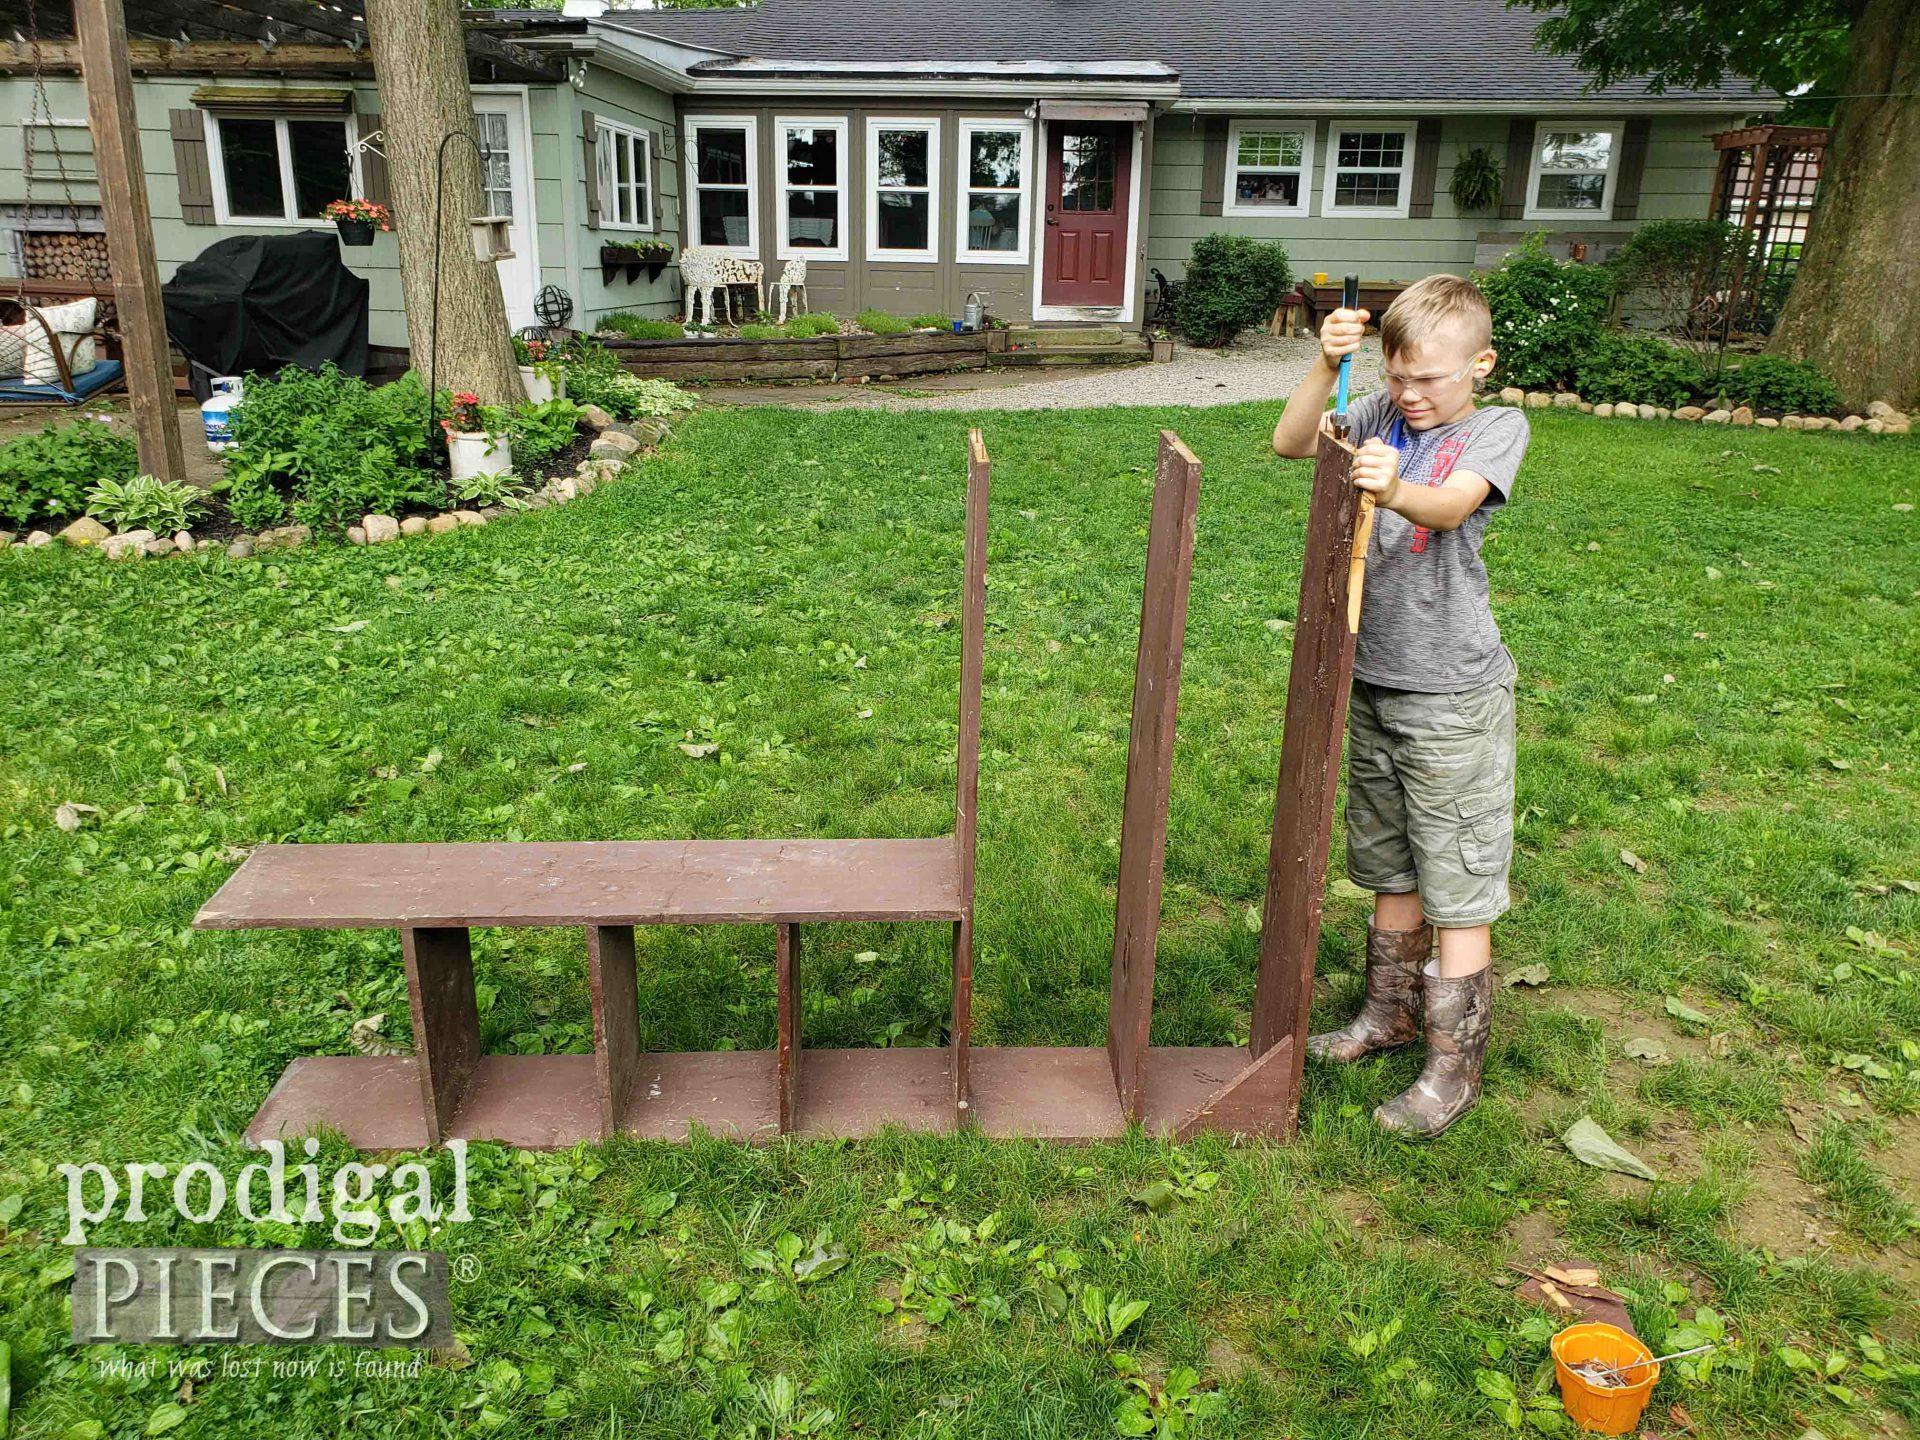 Dismantling Garden Shelf | prodigalpieces.com